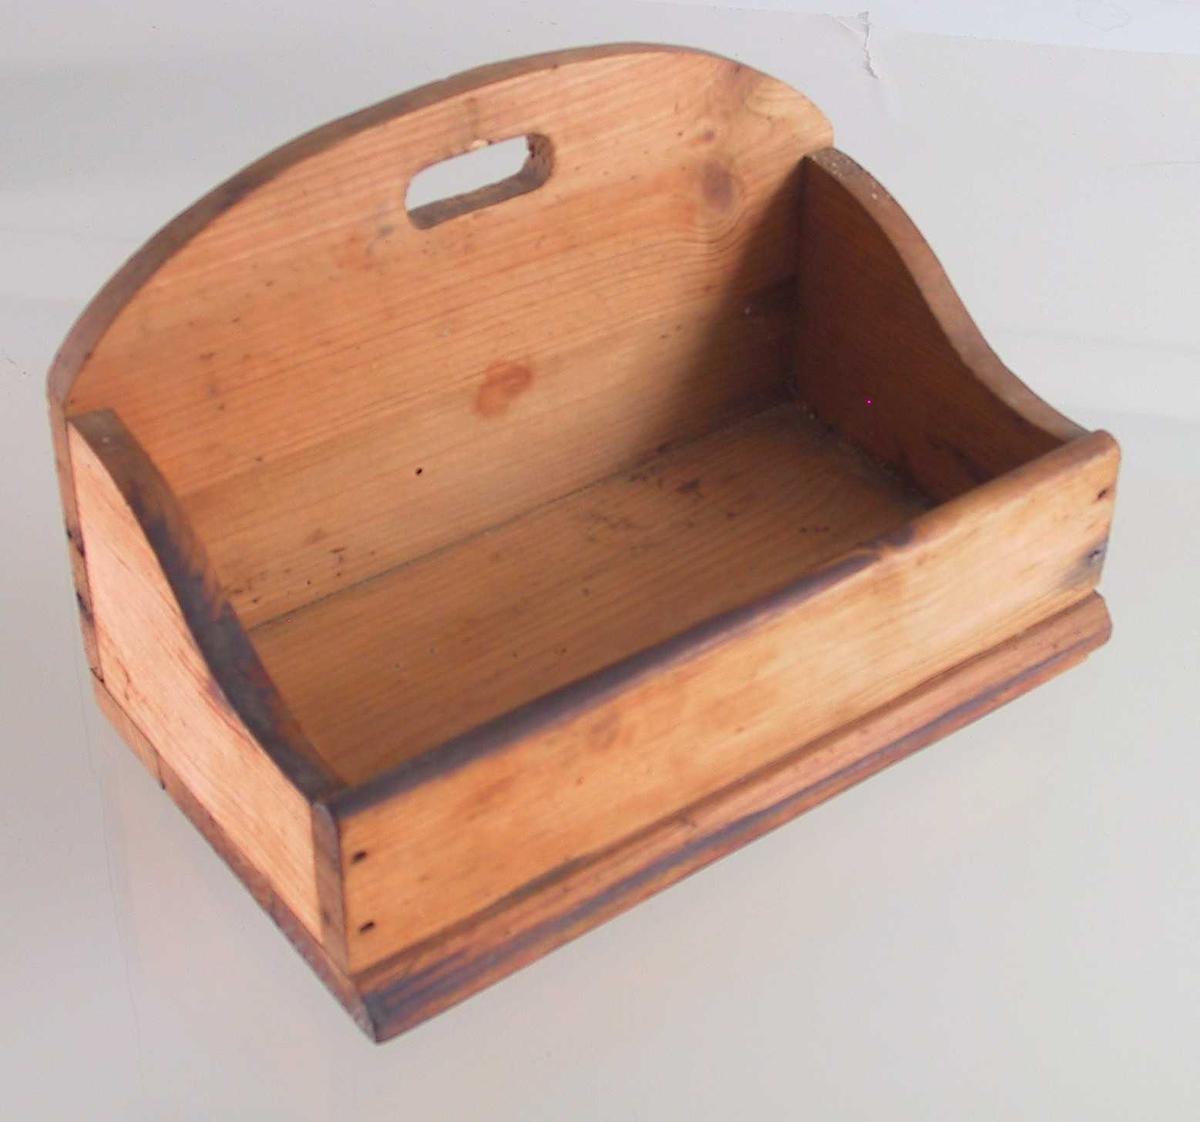 Kasse,  kjøkkenbruk.  Furu umalt.  Rektangulær kasse med buete sider og forhøyd rygg med et ovalt hull for opphengning. Tilstand: god.